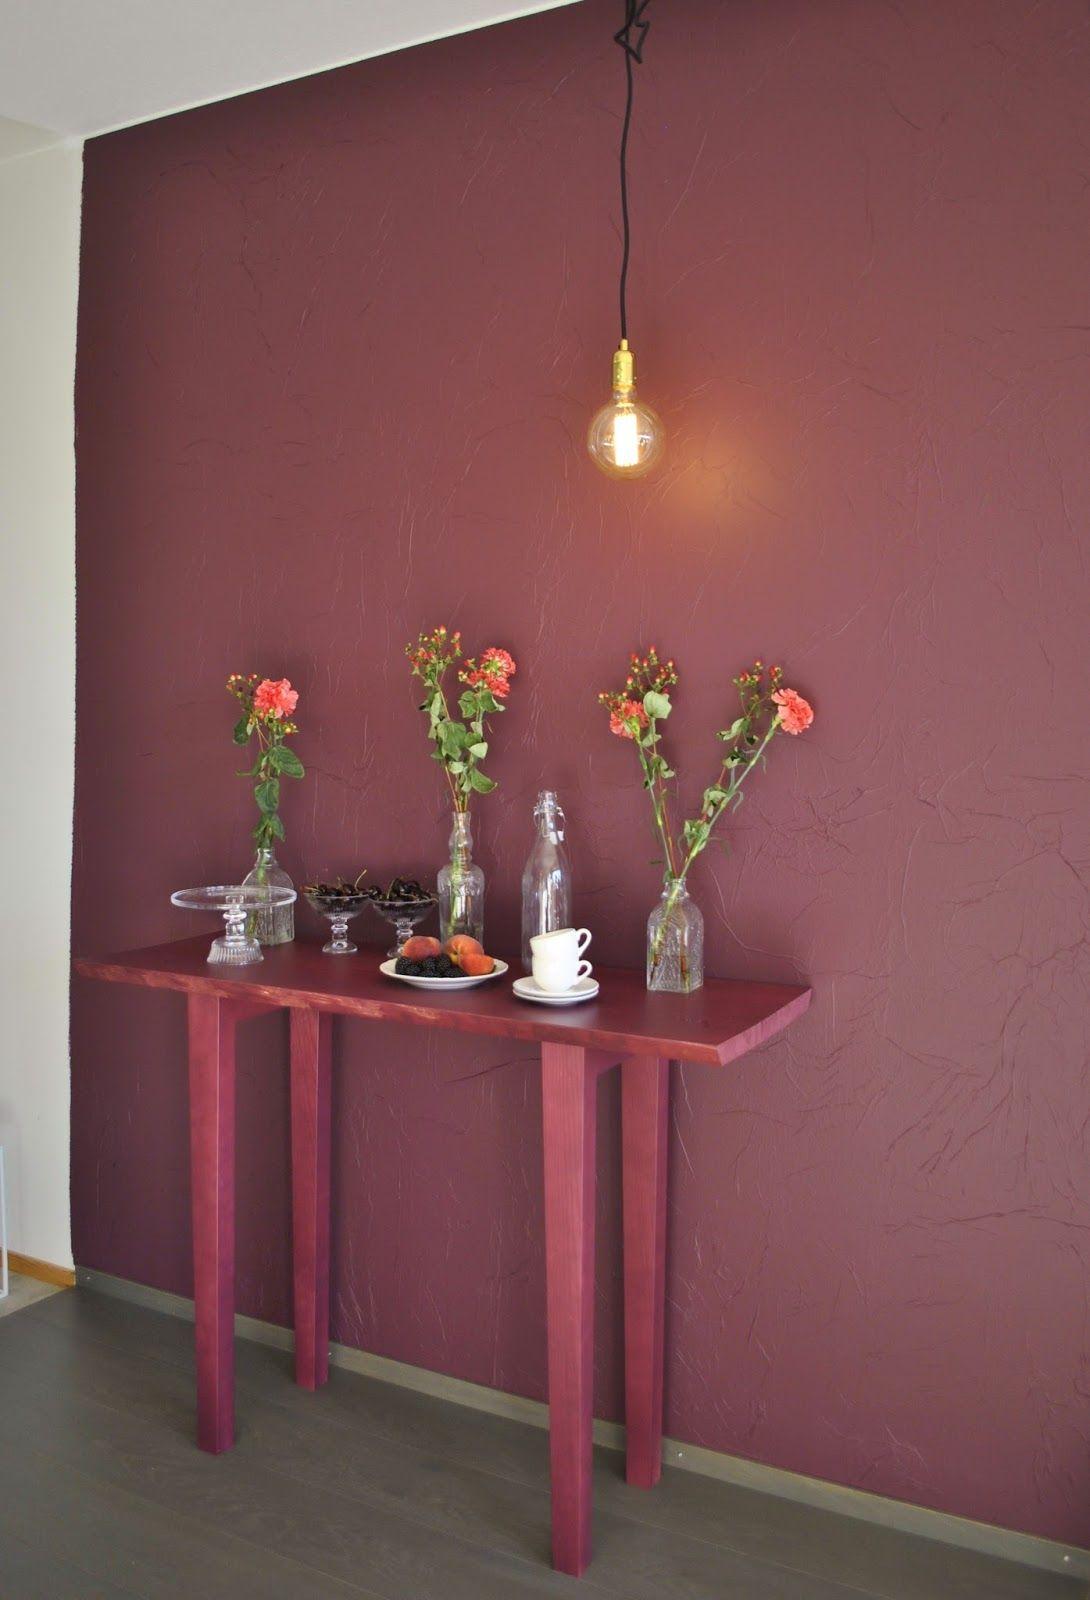 Viininpunainen seinä Tikkurila Lähiöfestivaali - Väritrendeistä   About Colour Trends; Burgundy